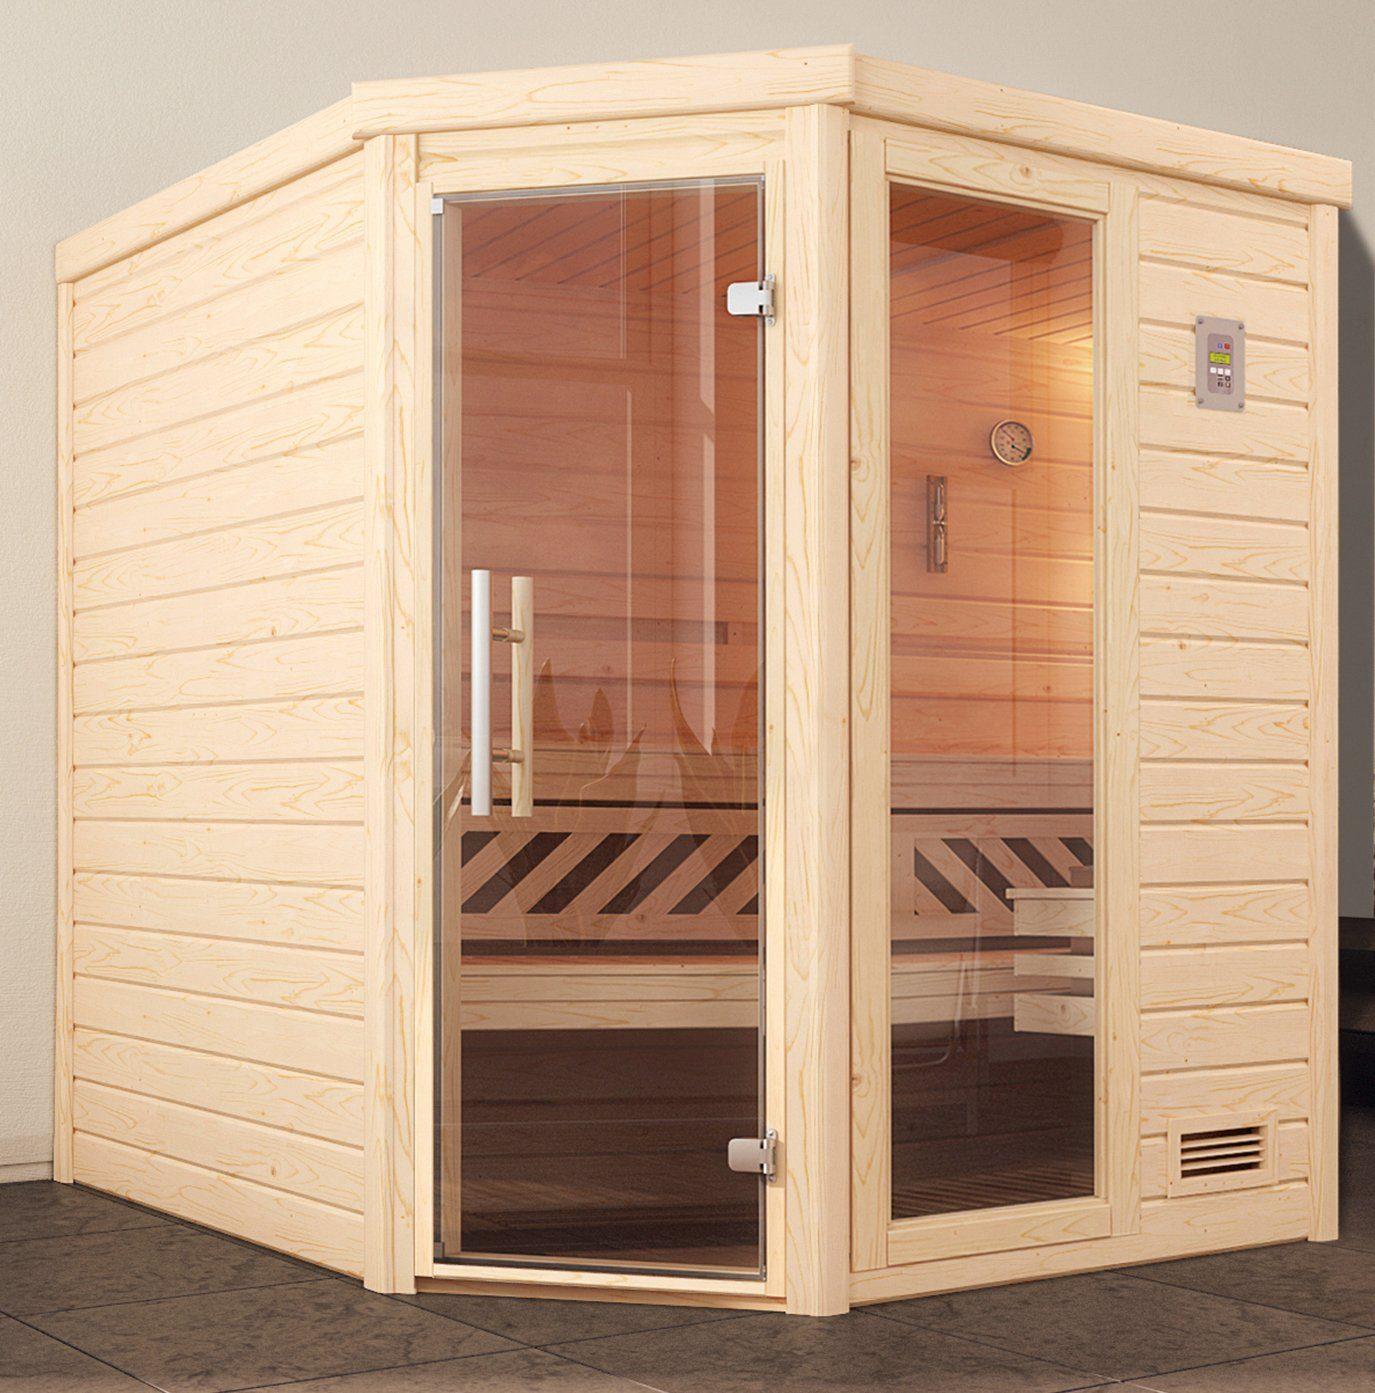 WEKA Sauna »Turku Eck Gr.1«, 195x195x204 cm, ohne Ofen, mit Fenster